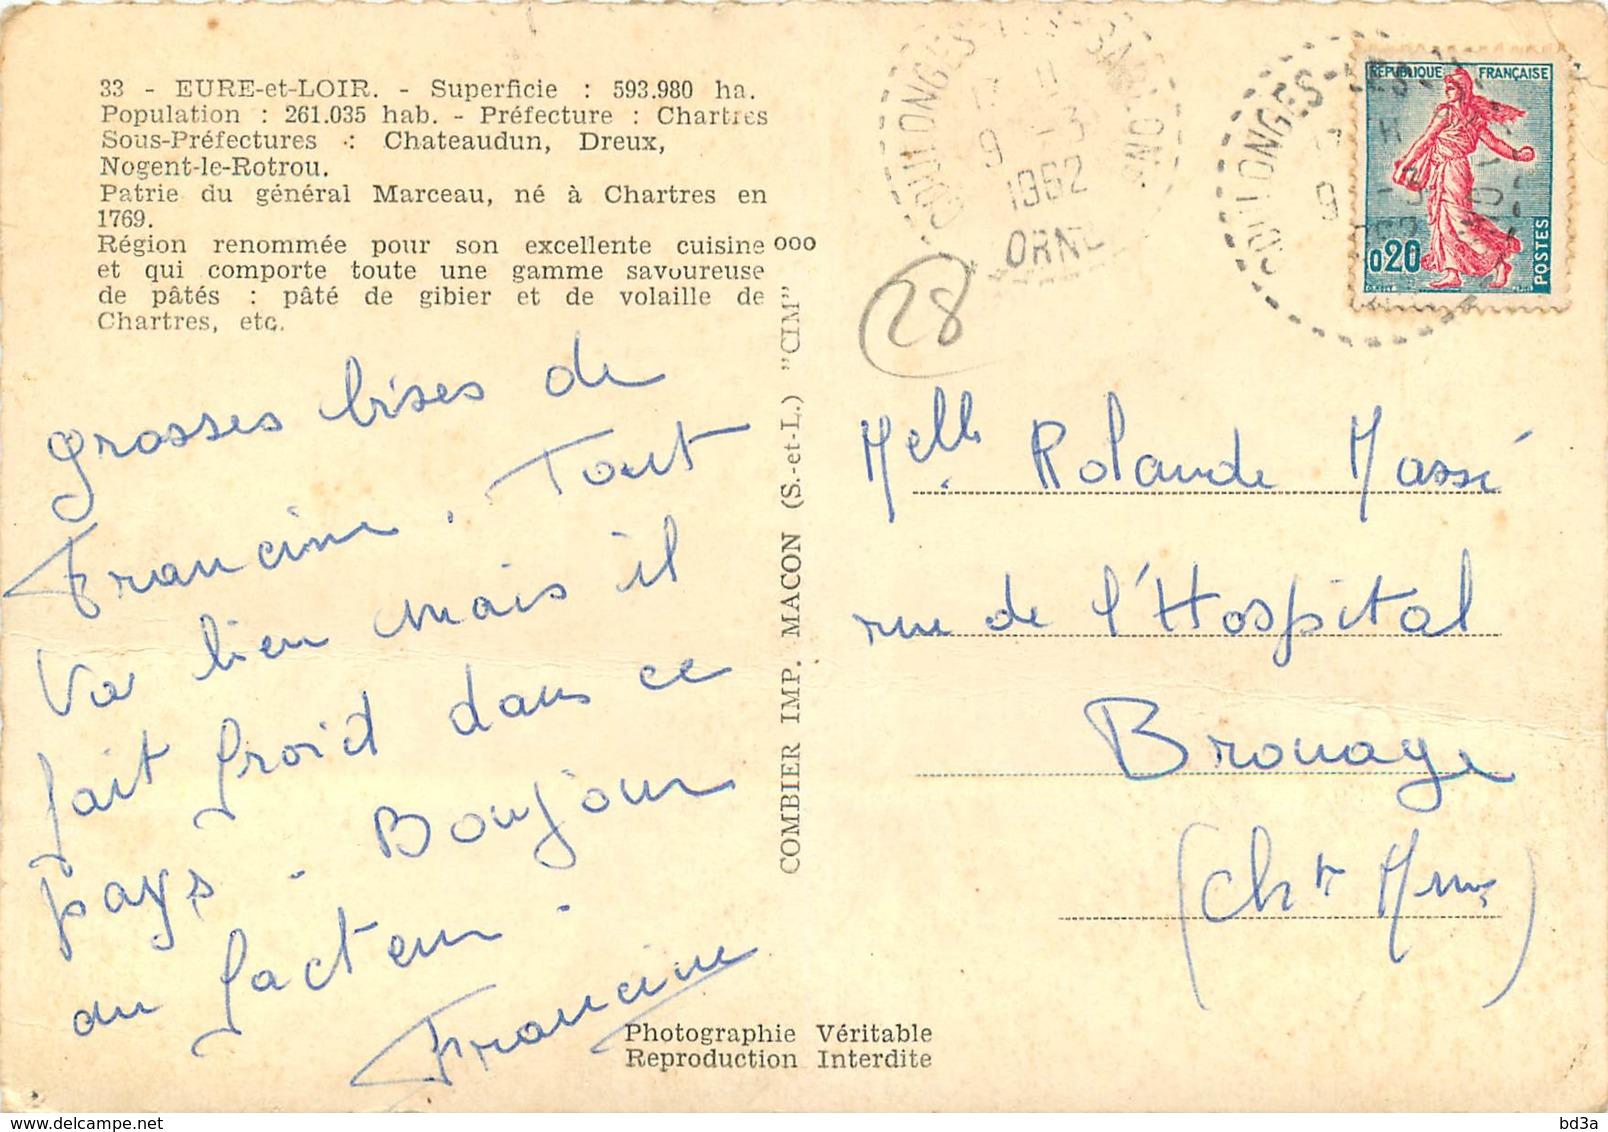 28 - DEPARTEMENT EURE ET LOIR - France